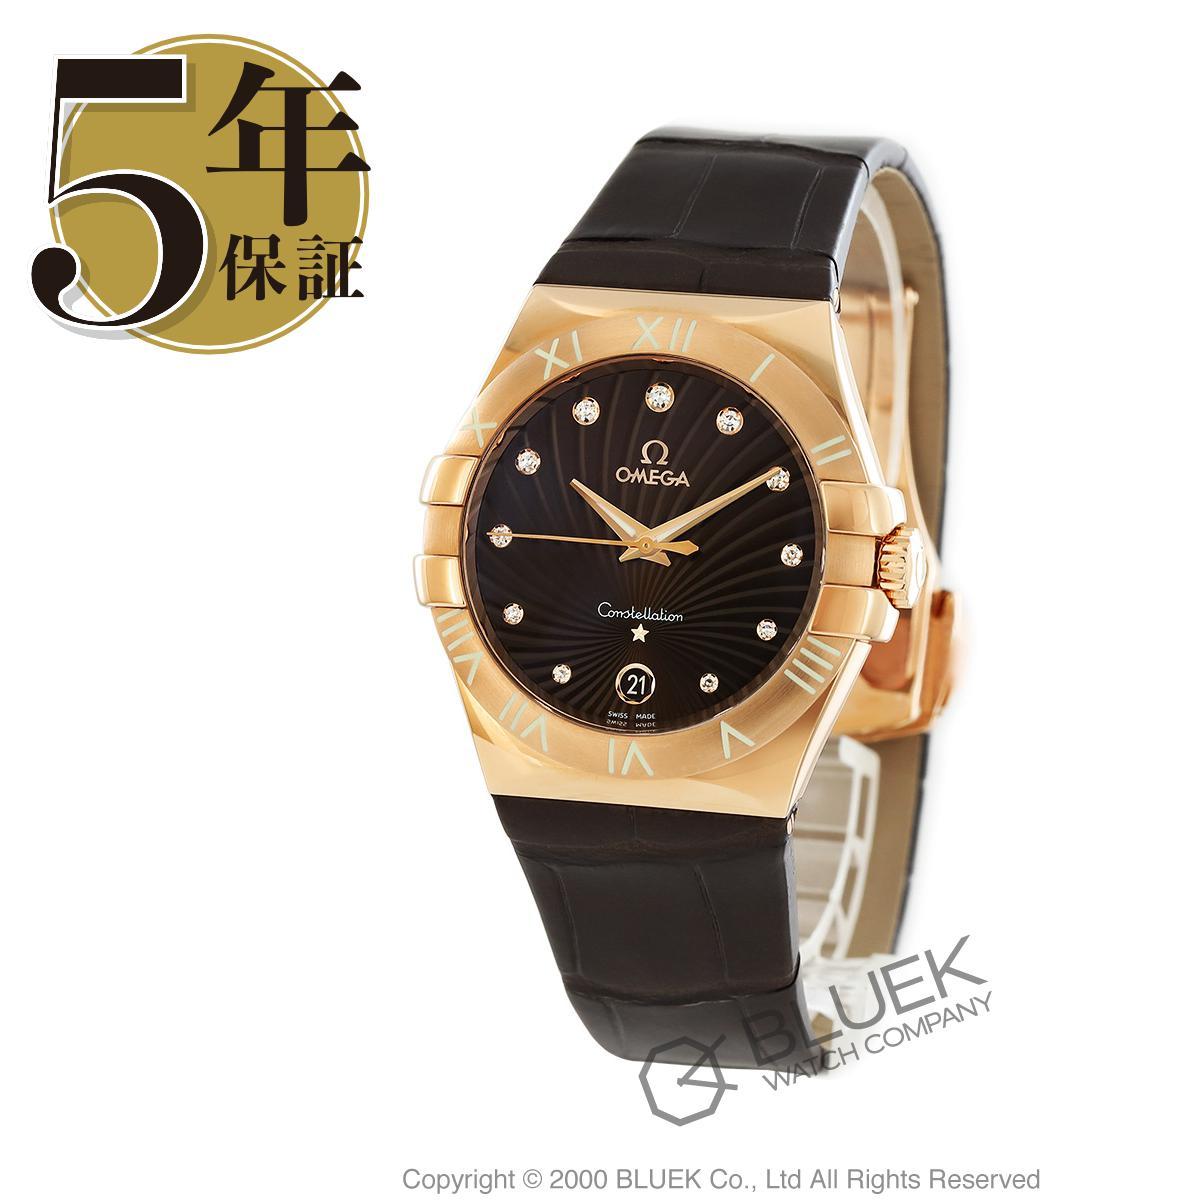 オメガ コンステレーション ダイヤ RG金無垢 アリゲーターレザー 腕時計 レディース OMEGA 123.53.35.60.63.001_8